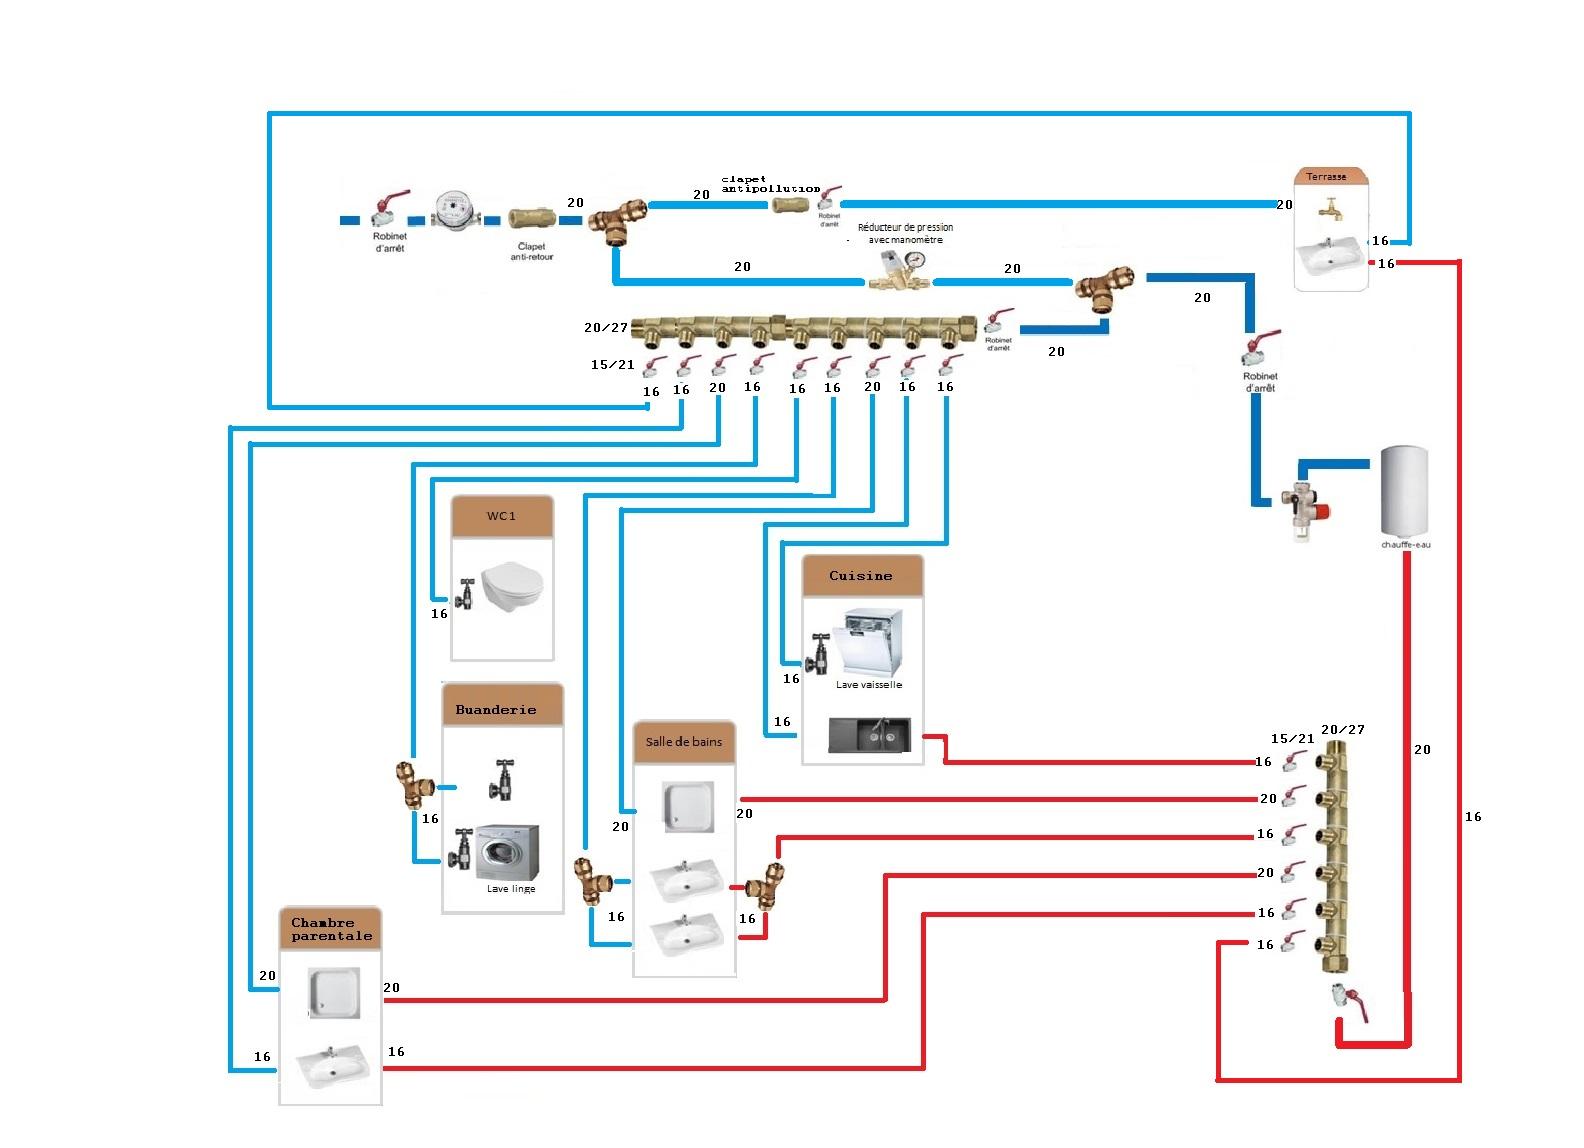 plan plomberie st martin.jpg, 216.79 kb, 1584 x 1148